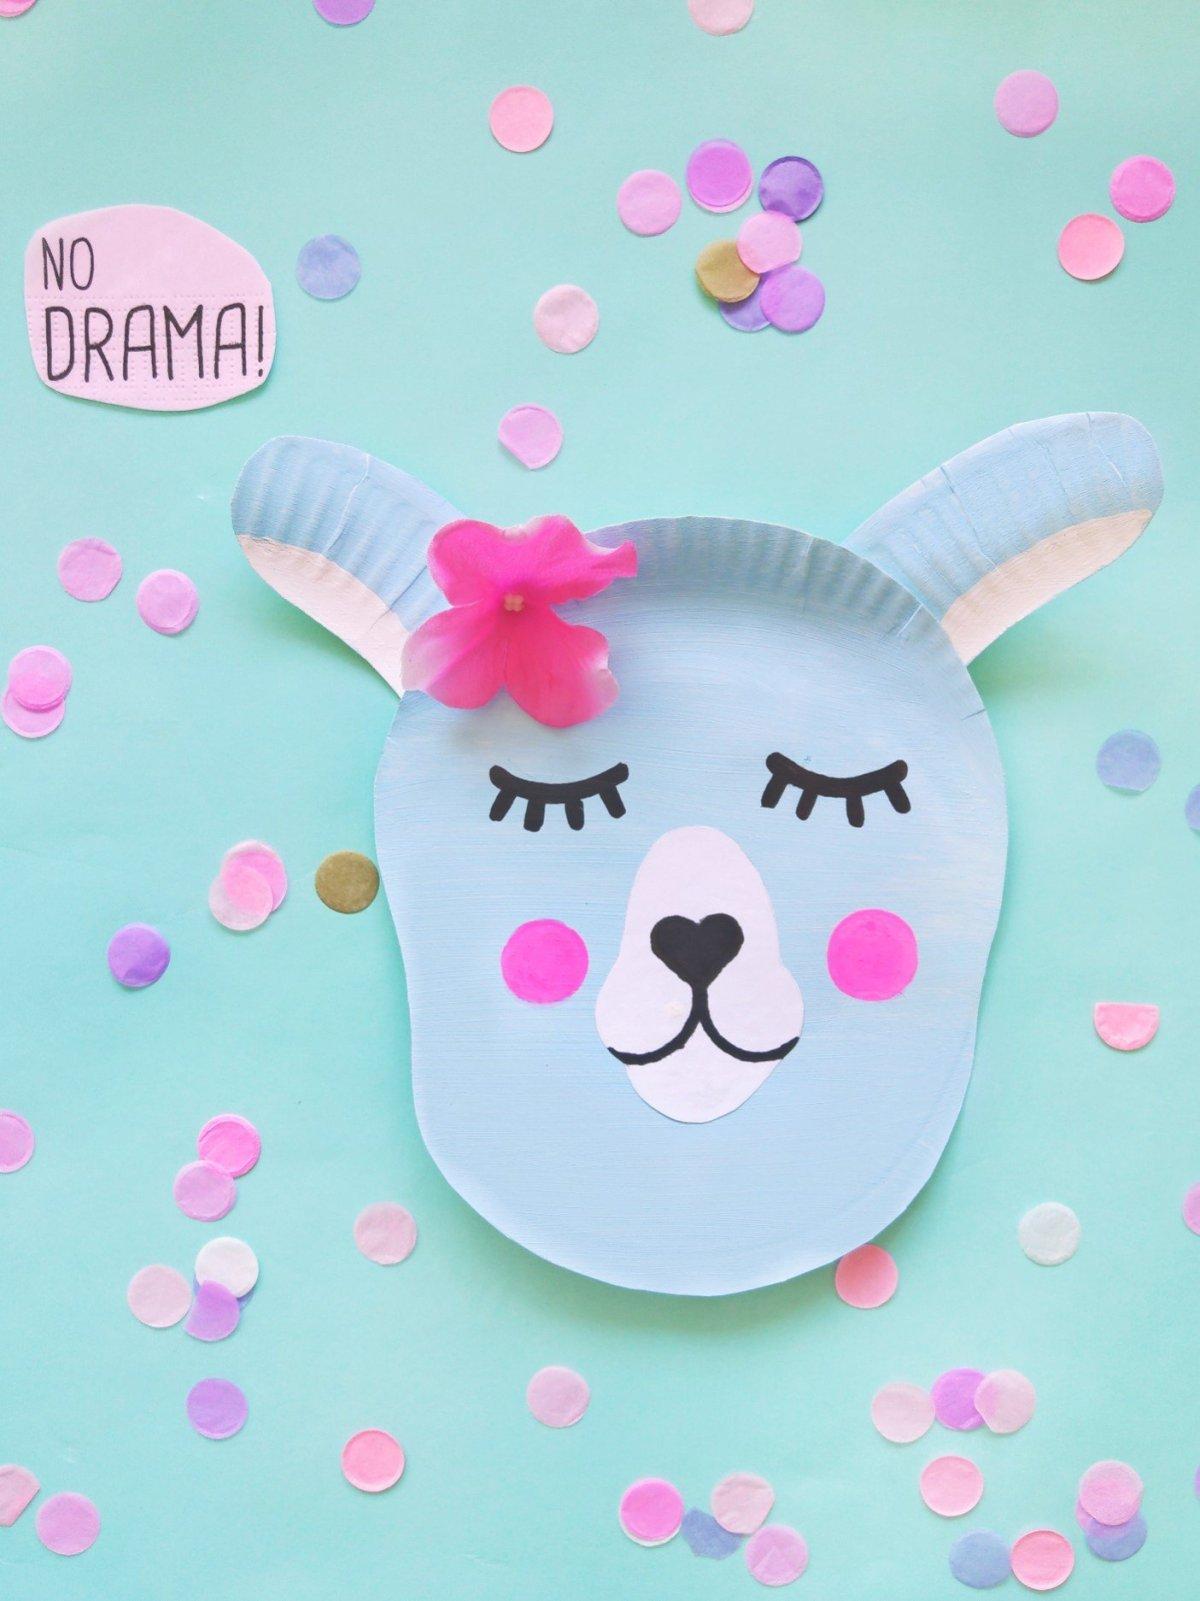 Aus Papptellern kann man die tollsten Dinge basteln. So wie dieses süße Lama. Wie ihr diese Deko-Idee ganz einfach selber machen könnt, zeige ich euch im Blogbeitrag.